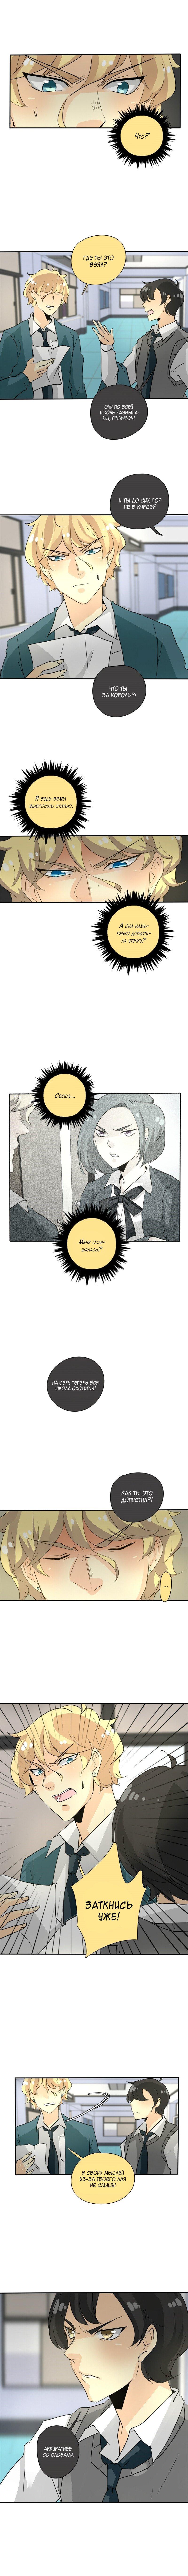 Манга неОРДИНАРНЫЕ / unORDINARY  - Том 1 Глава 107 Страница 16